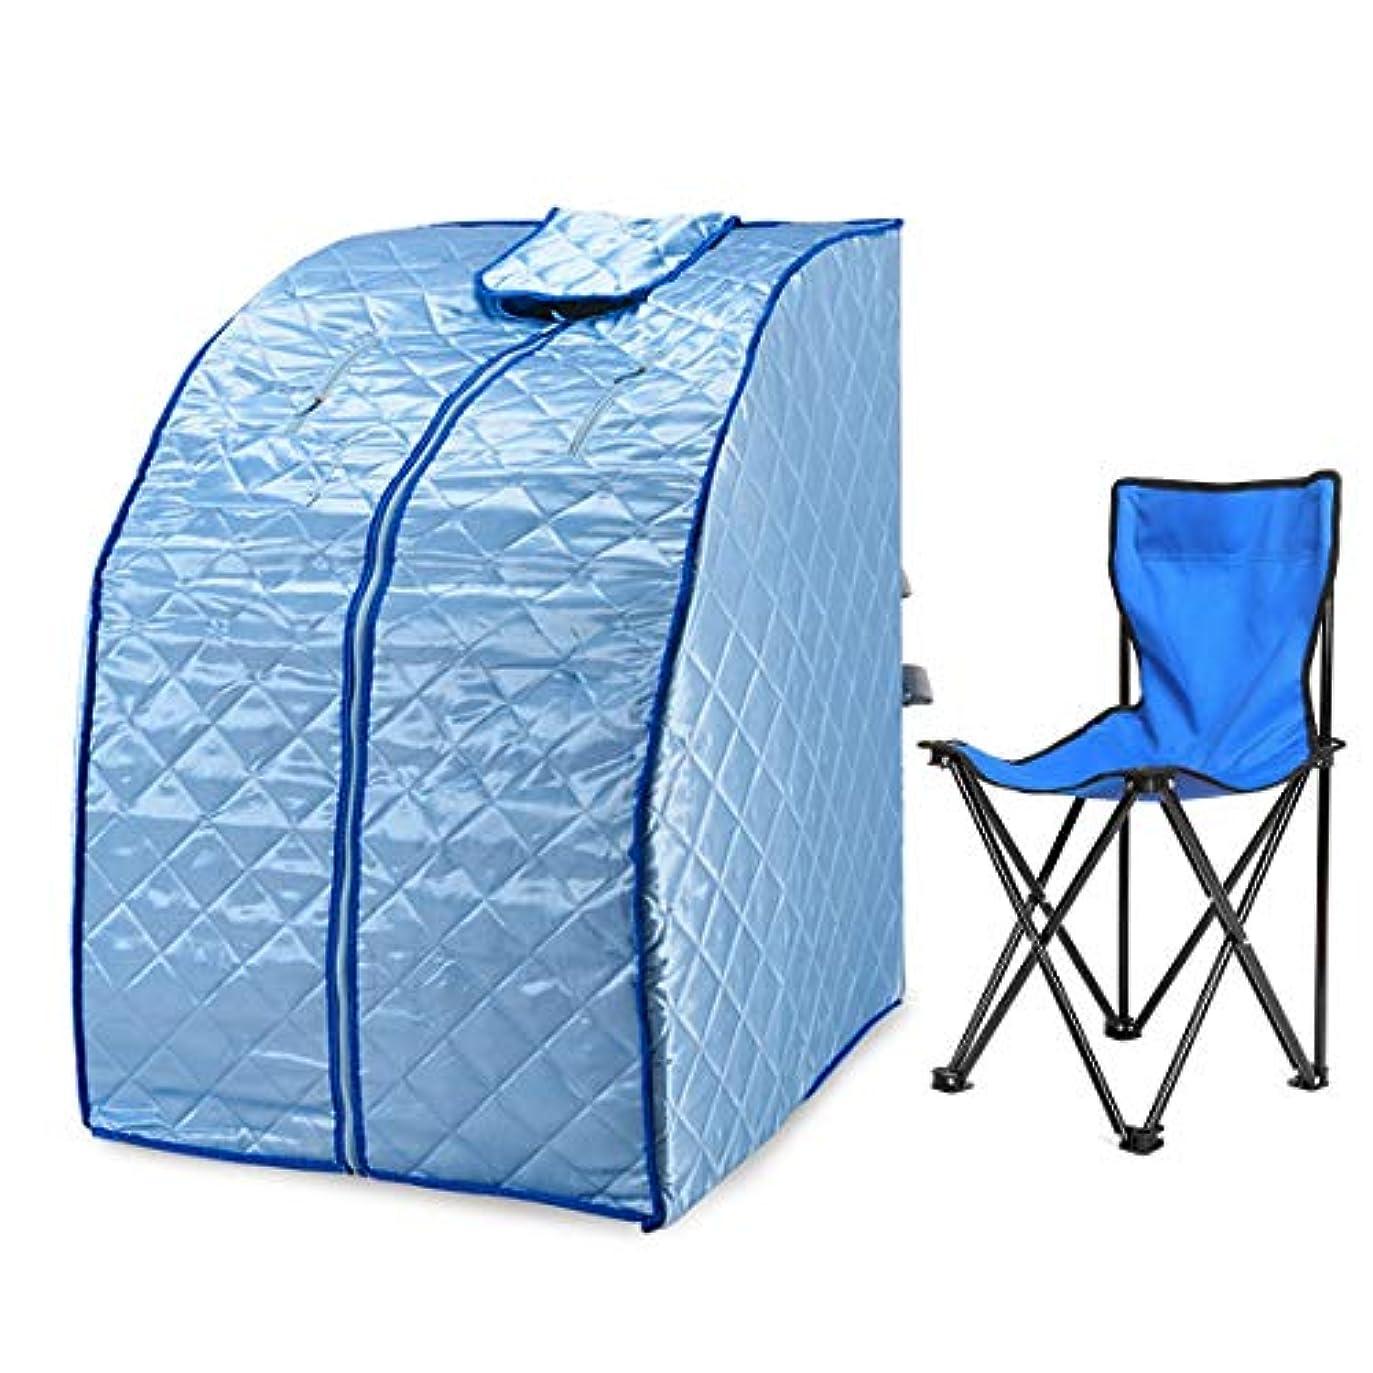 論争的爵動かない遠赤外線 サウナ と 椅子 ポータブル ヒータ サウナボックス 屋内 折り畳み サウナスチームキャビン パーソナル スパ 体重が減る そして 毒素を除去